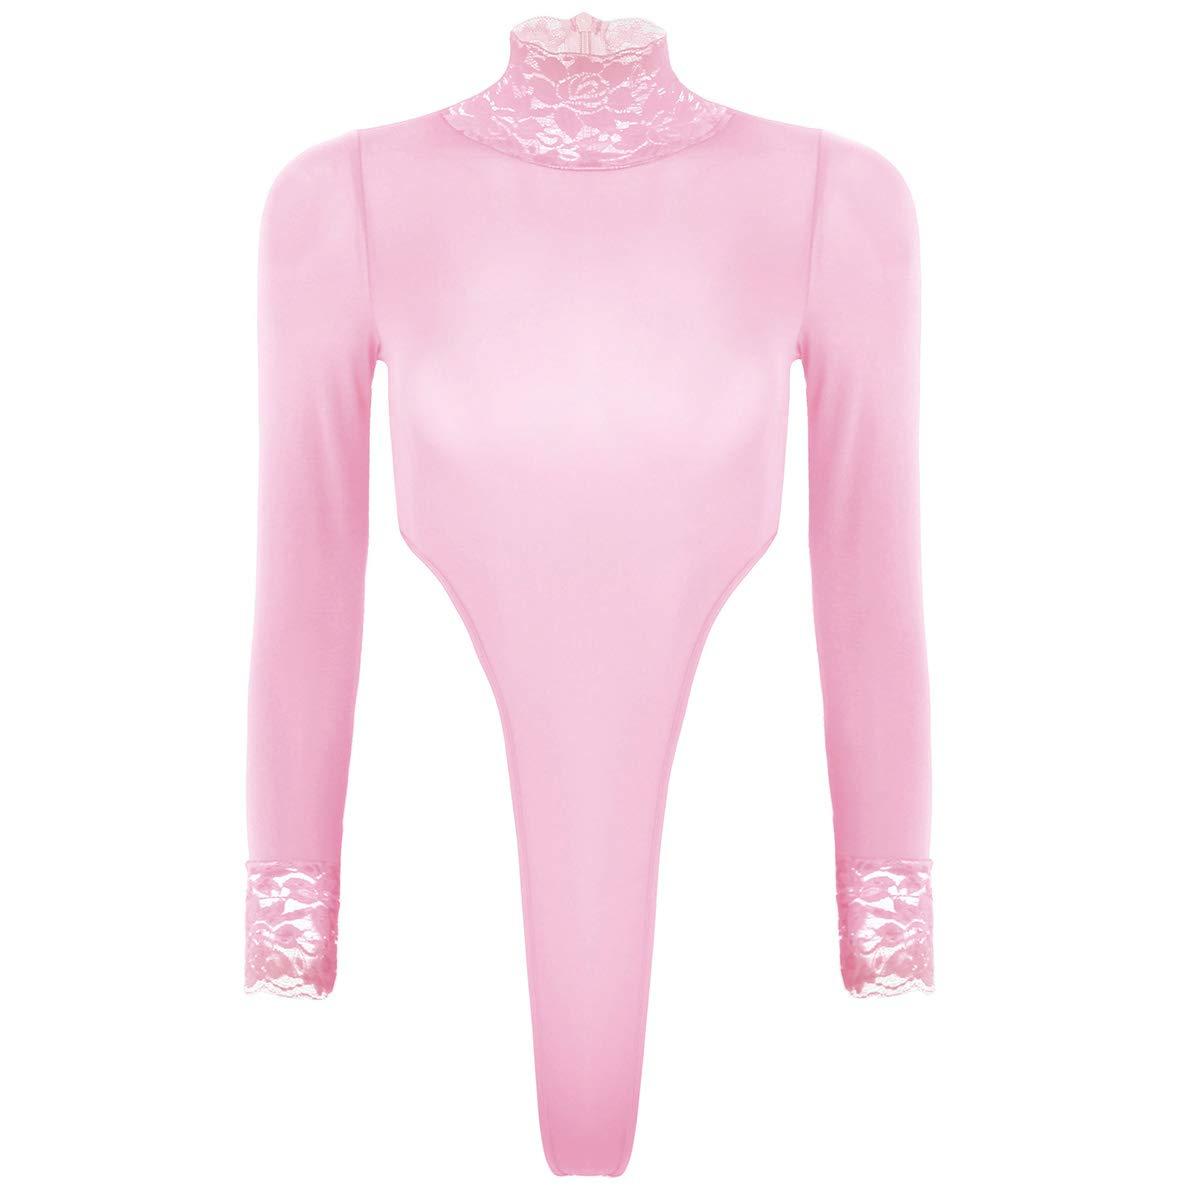 T-Shirts Tops Manche Longue Femme Sexy Body String Dentelle Transparent Lingerie Nuit Thong Bodysuit Gym sous-vêtements Soirée Club Maillot de Bain 1 Pièce Taille Haute